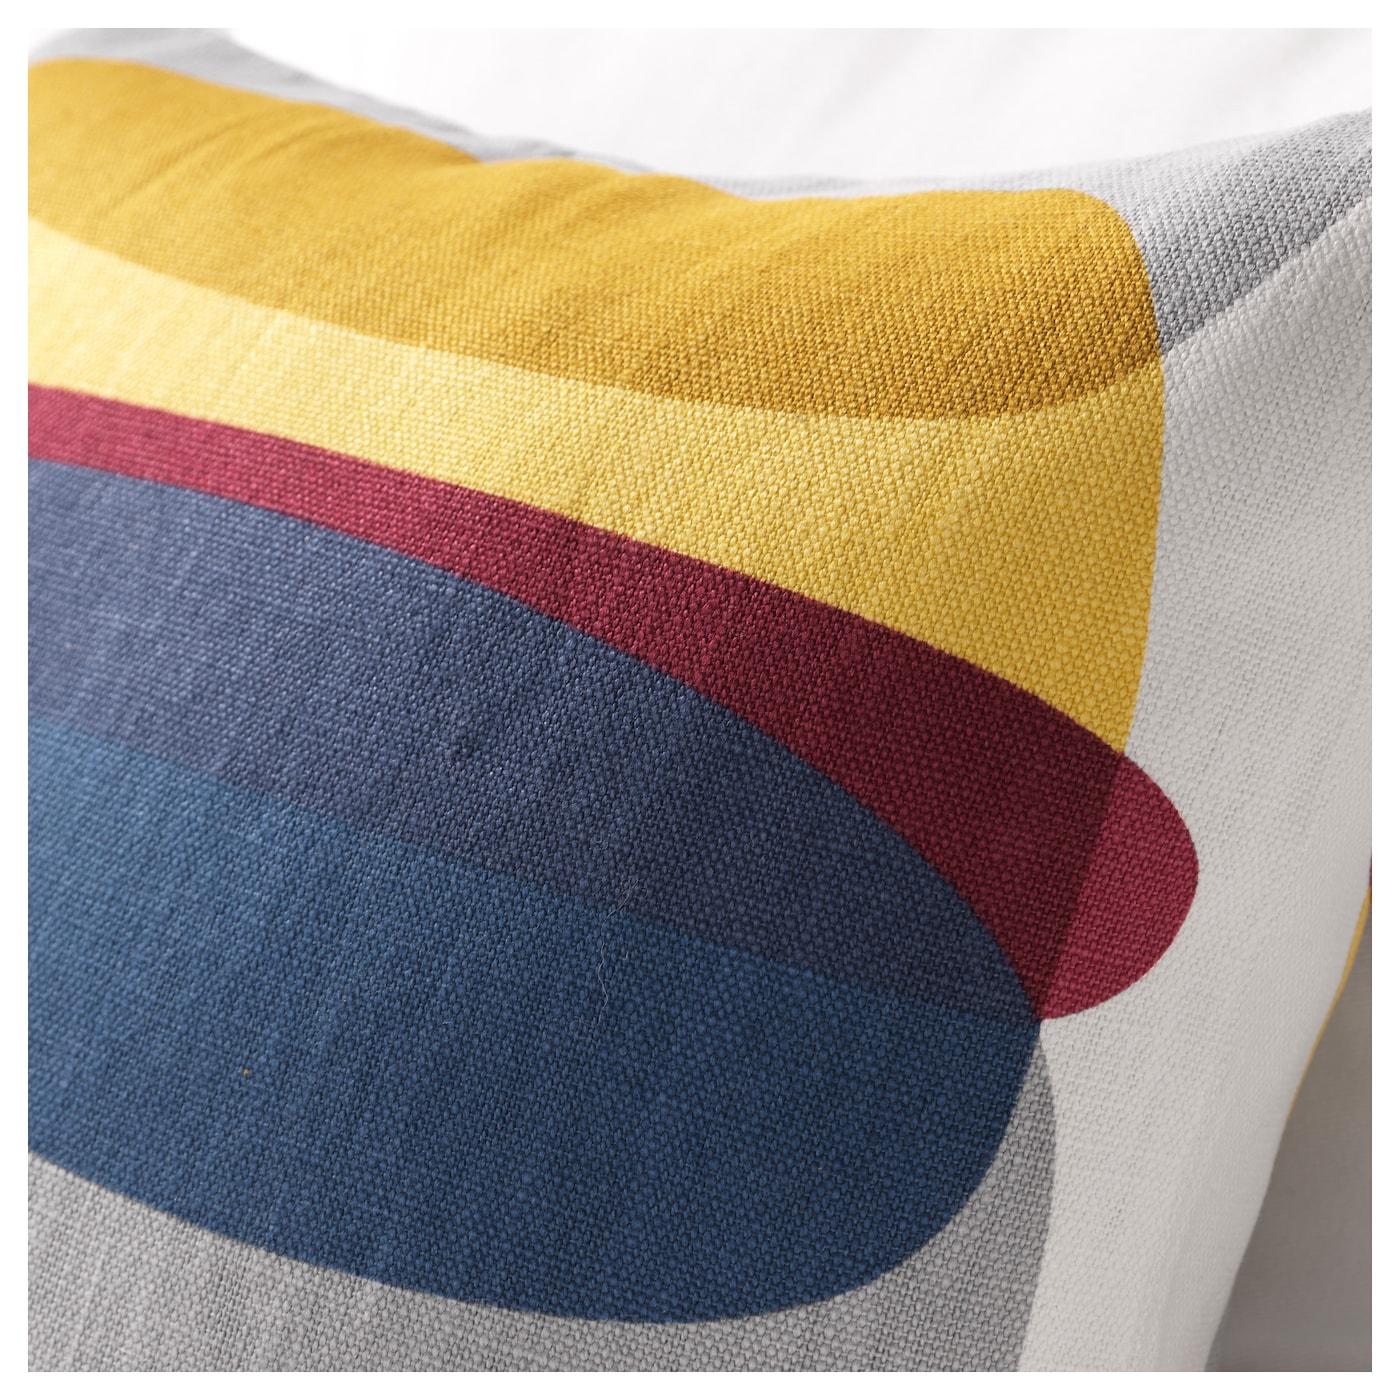 Malin figur housse de coussin bleu gris jaune 50 x 50 cm ikea - Coussin jaune et bleu ...